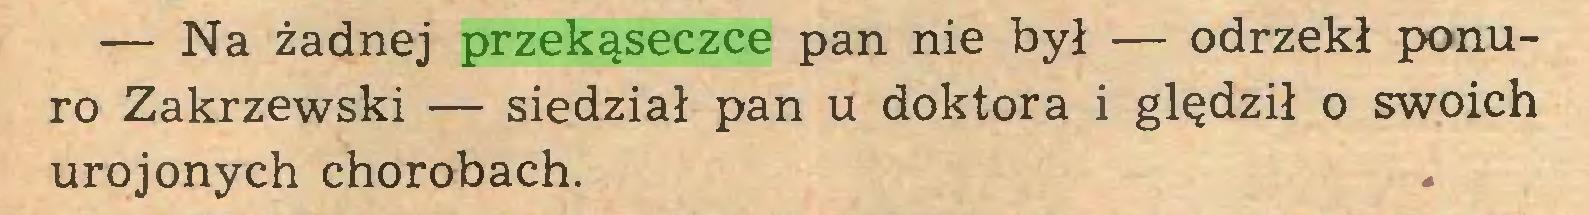 (...) — Na żadnej przekąseczce pan nie był — odrzekł ponuro Zakrzewski — siedział pan u doktora i ględził o swoich urojonych chorobach...